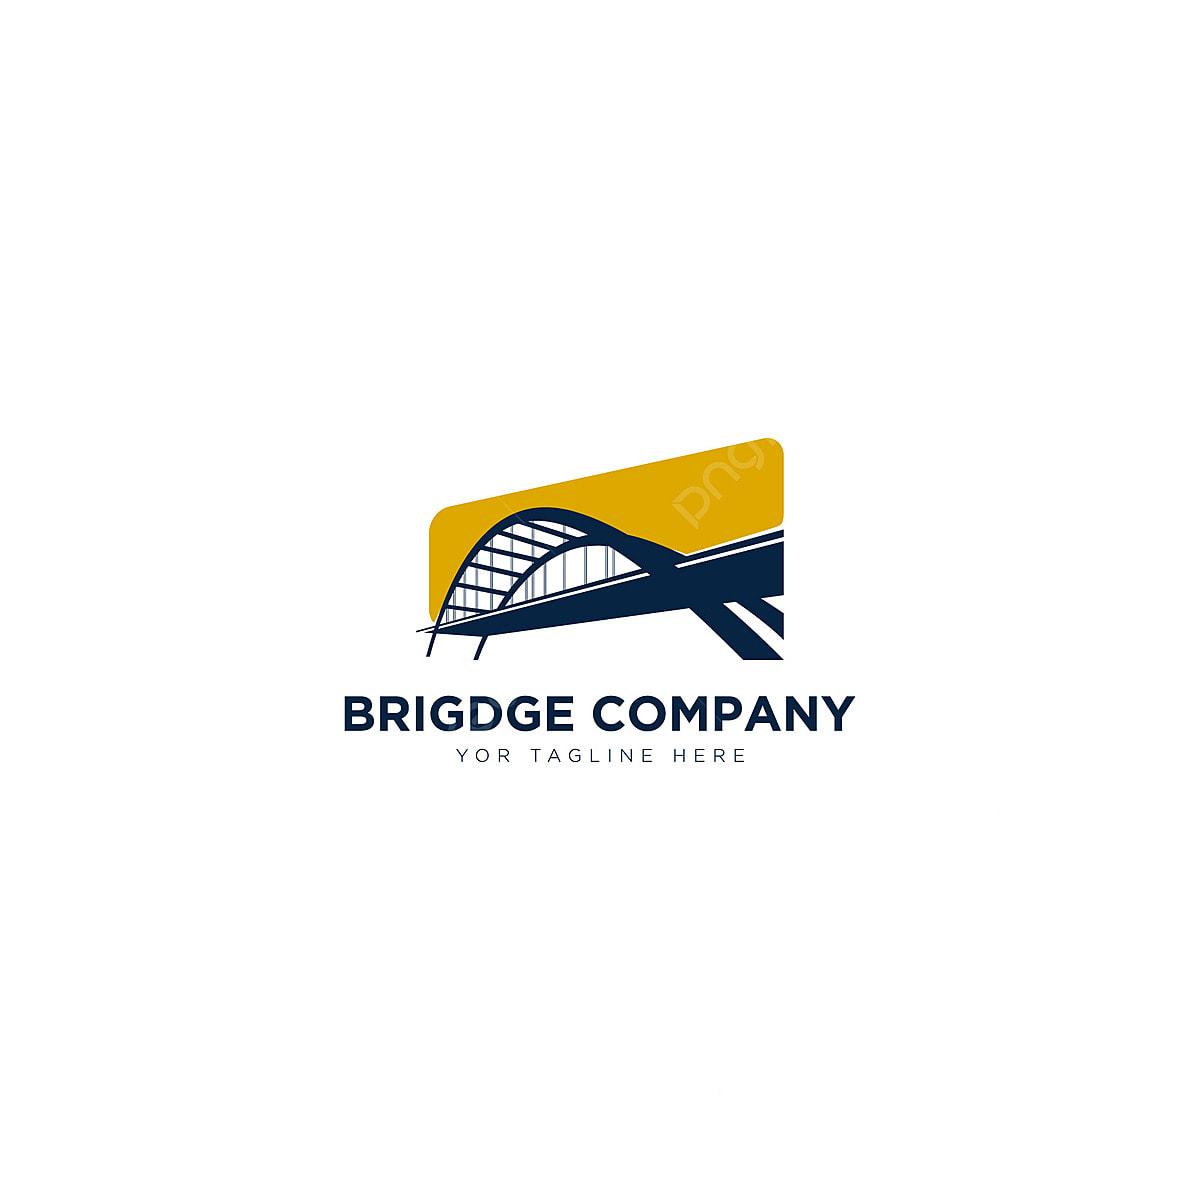 Gambar Reka Bentuk Logo Syarikat Jambatan Untuk Logo Kontraktor Templat Untuk Muat Turun Percuma Di Pngtree